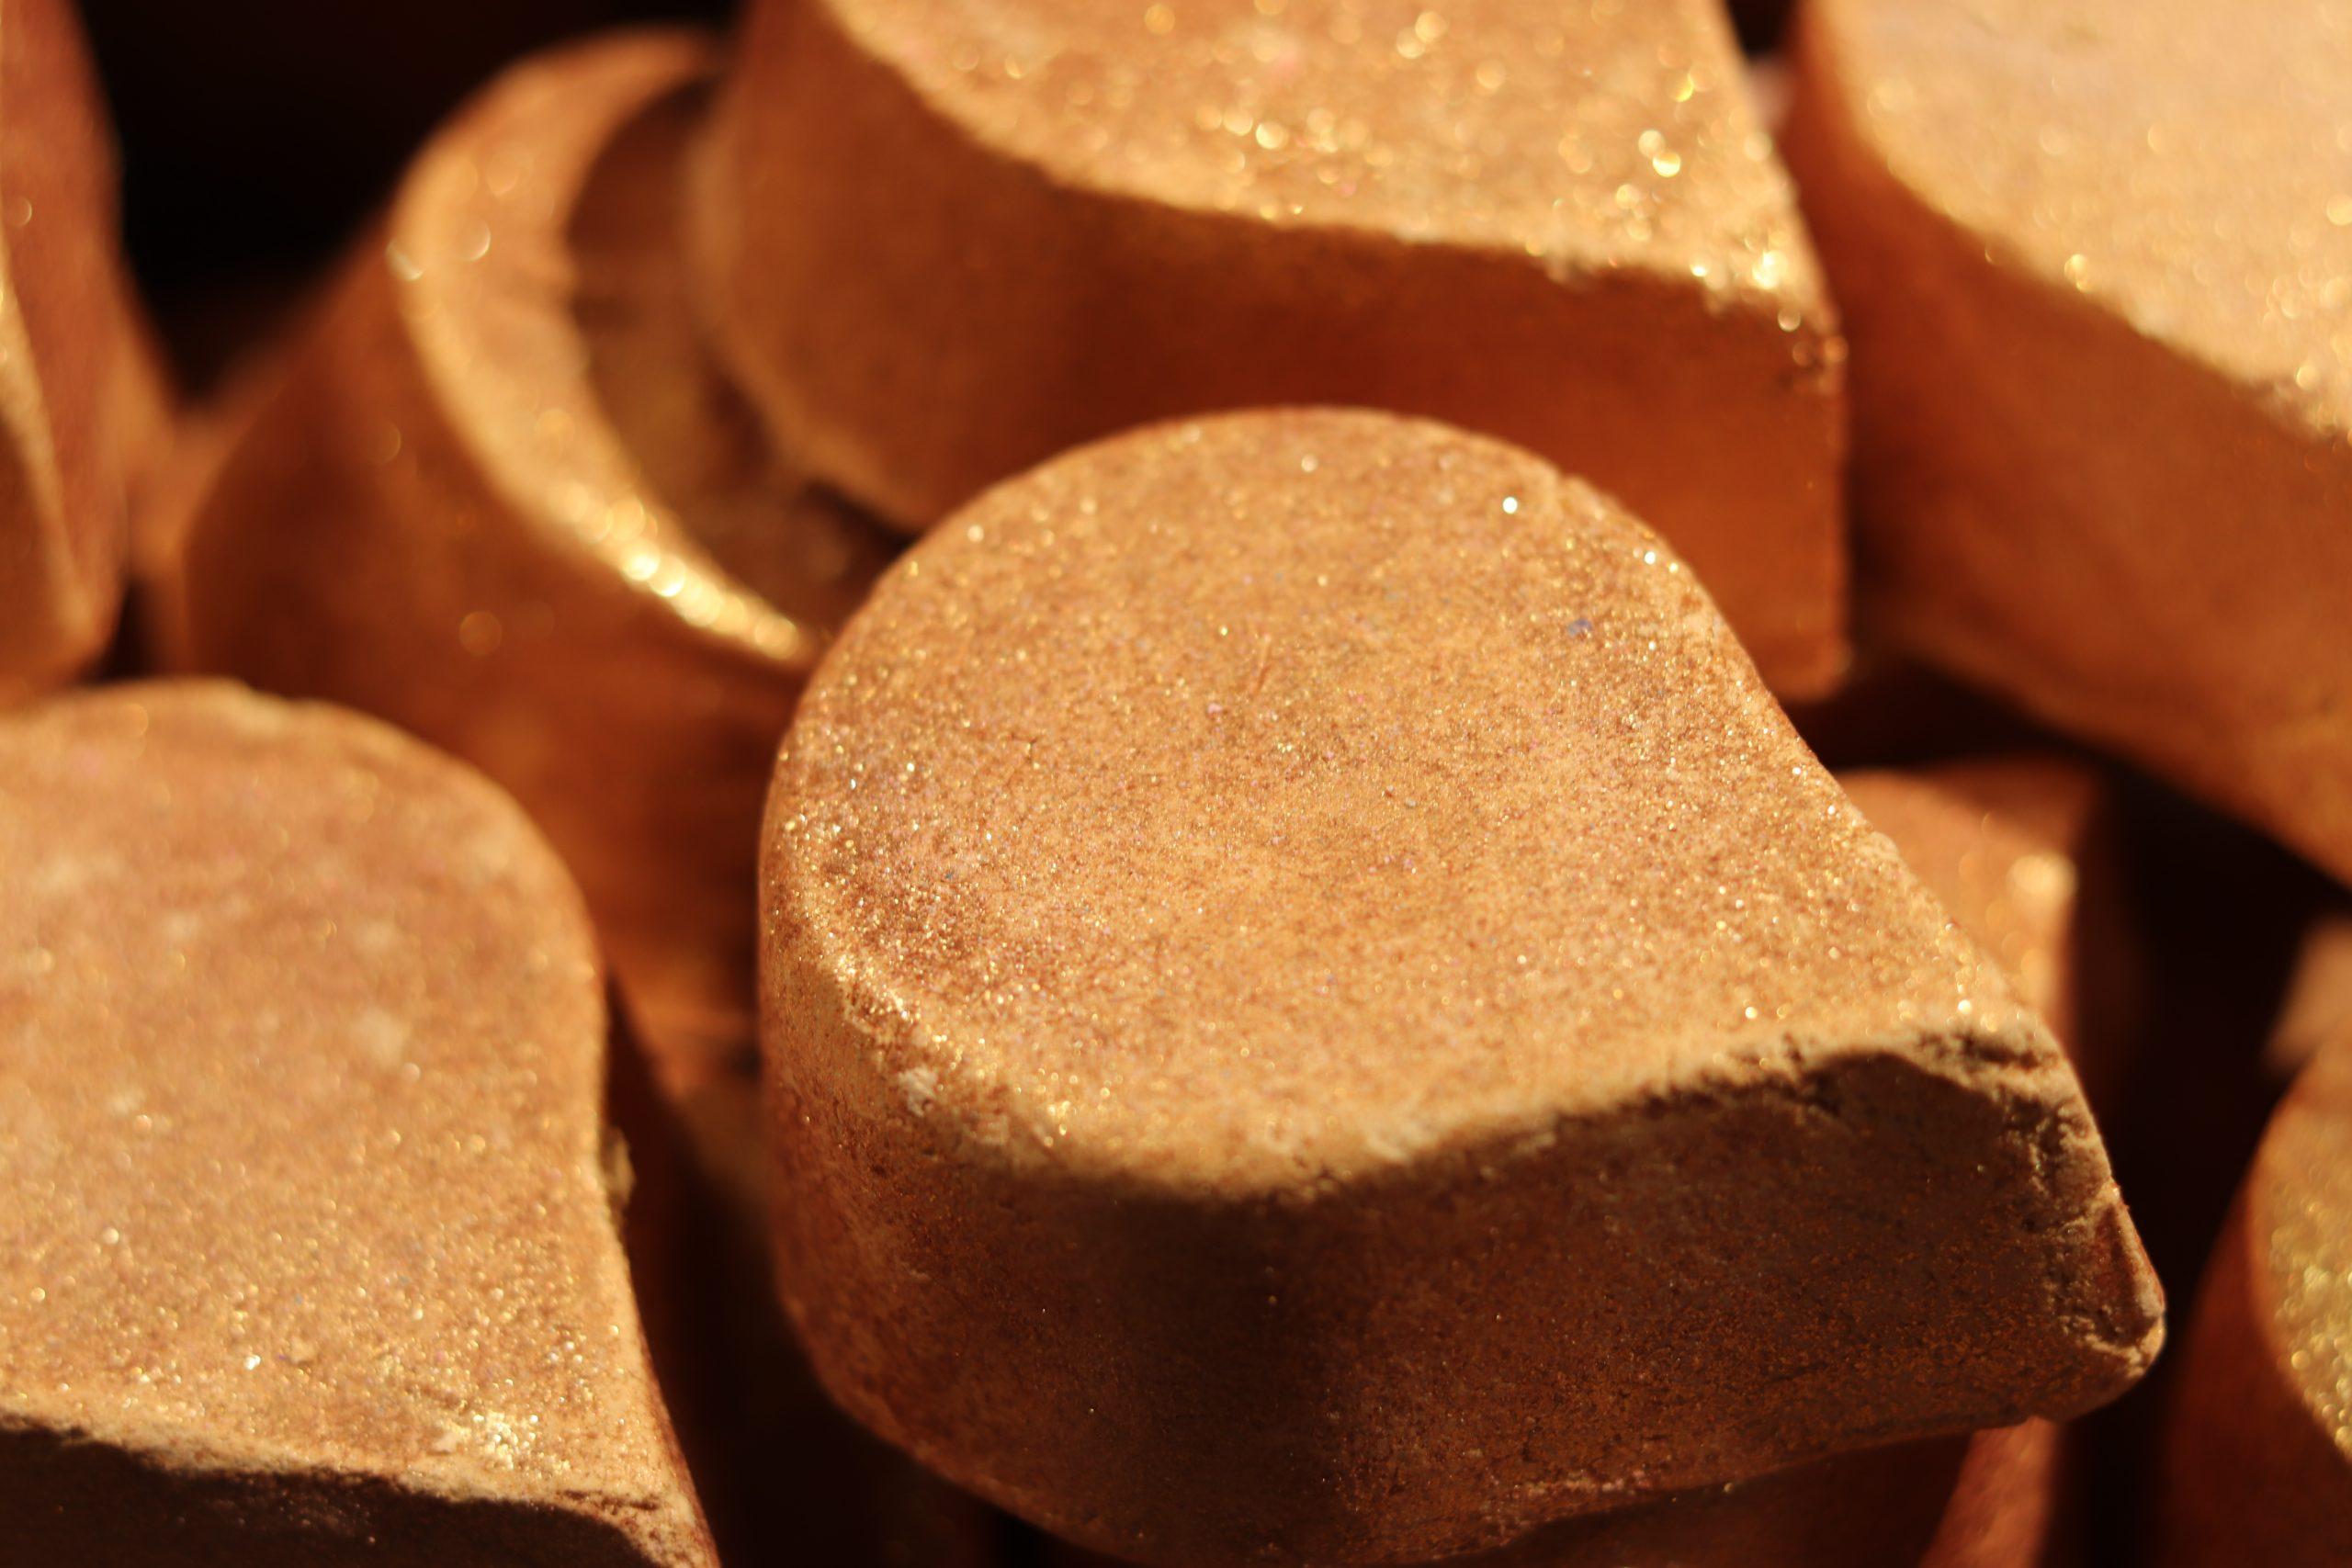 az édességek látásra gyakorolt hatása